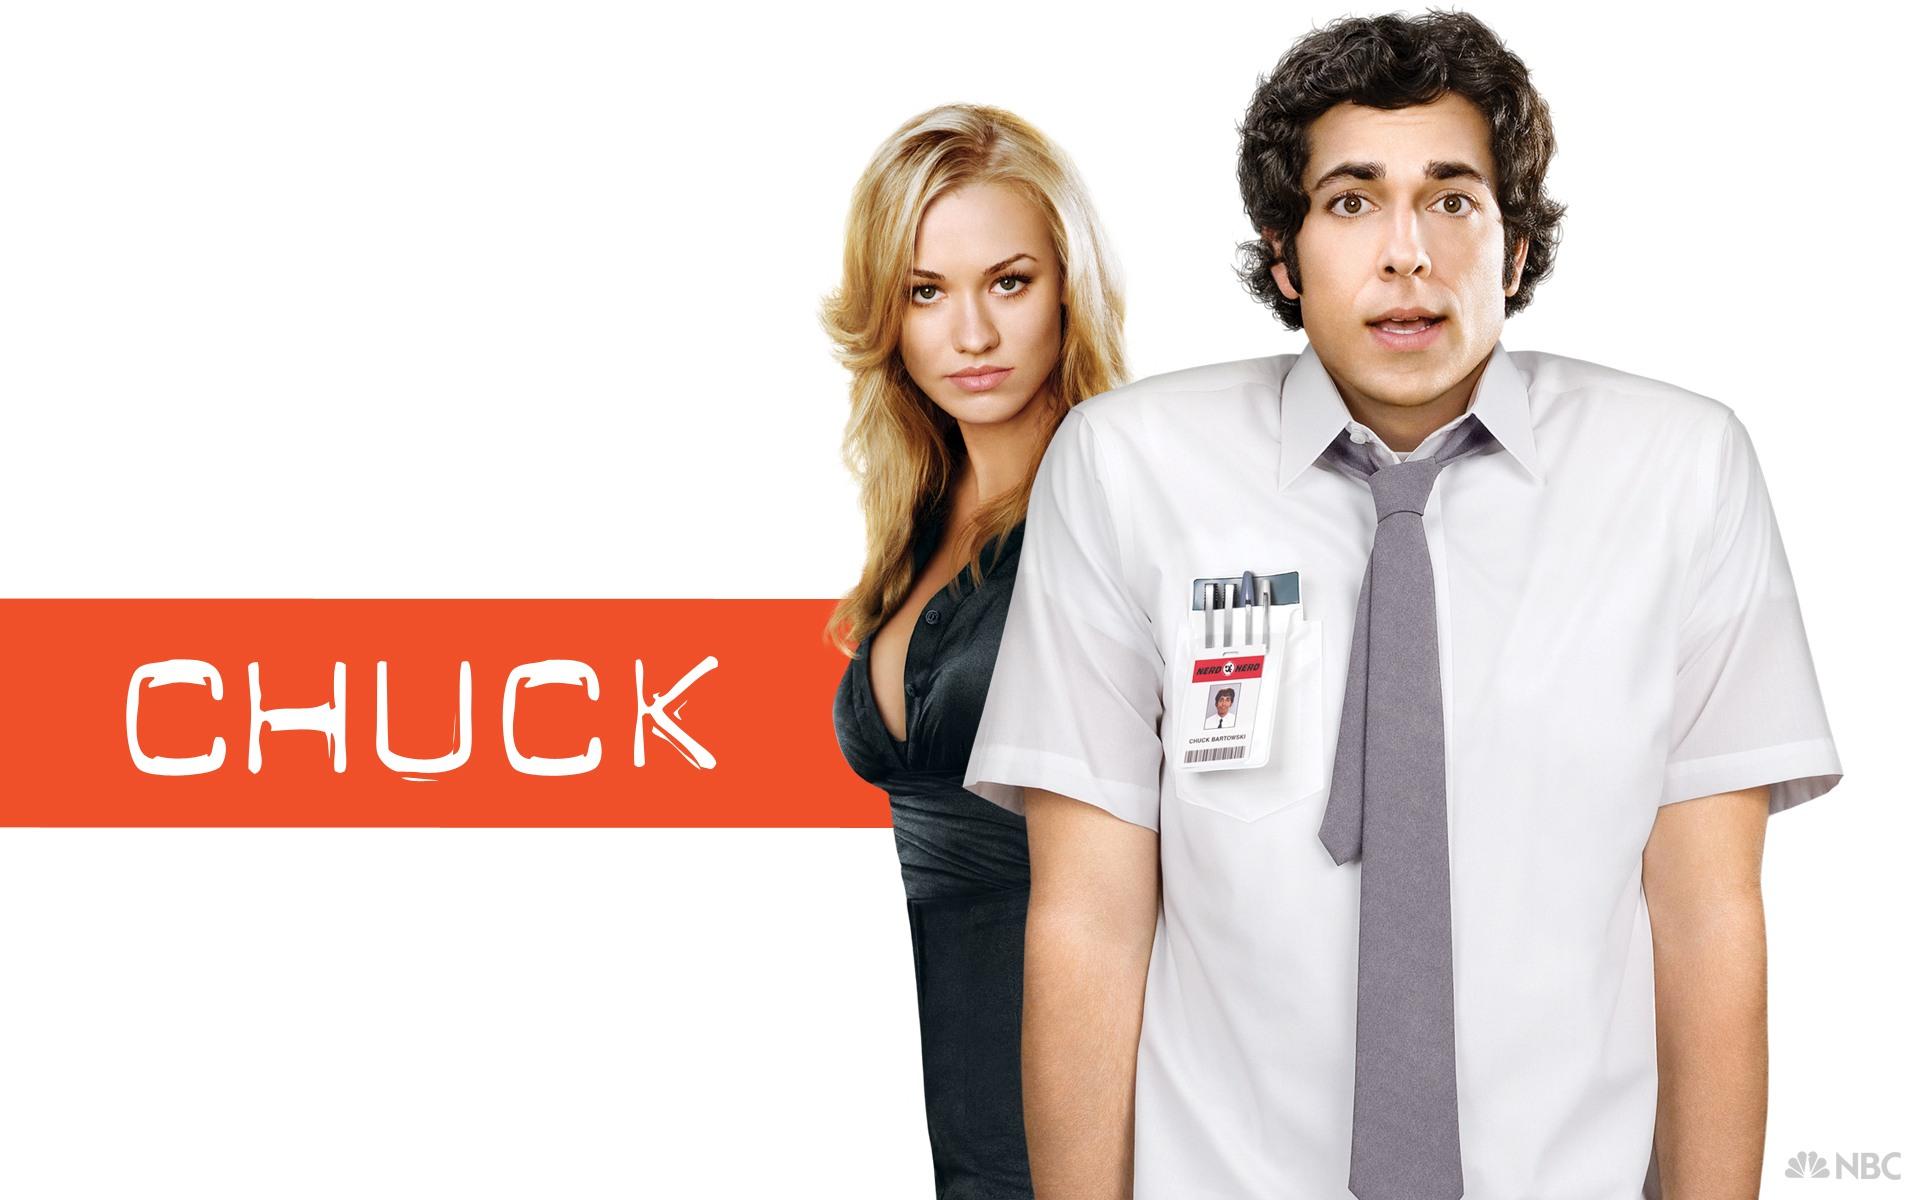 Chuck TV Pilot